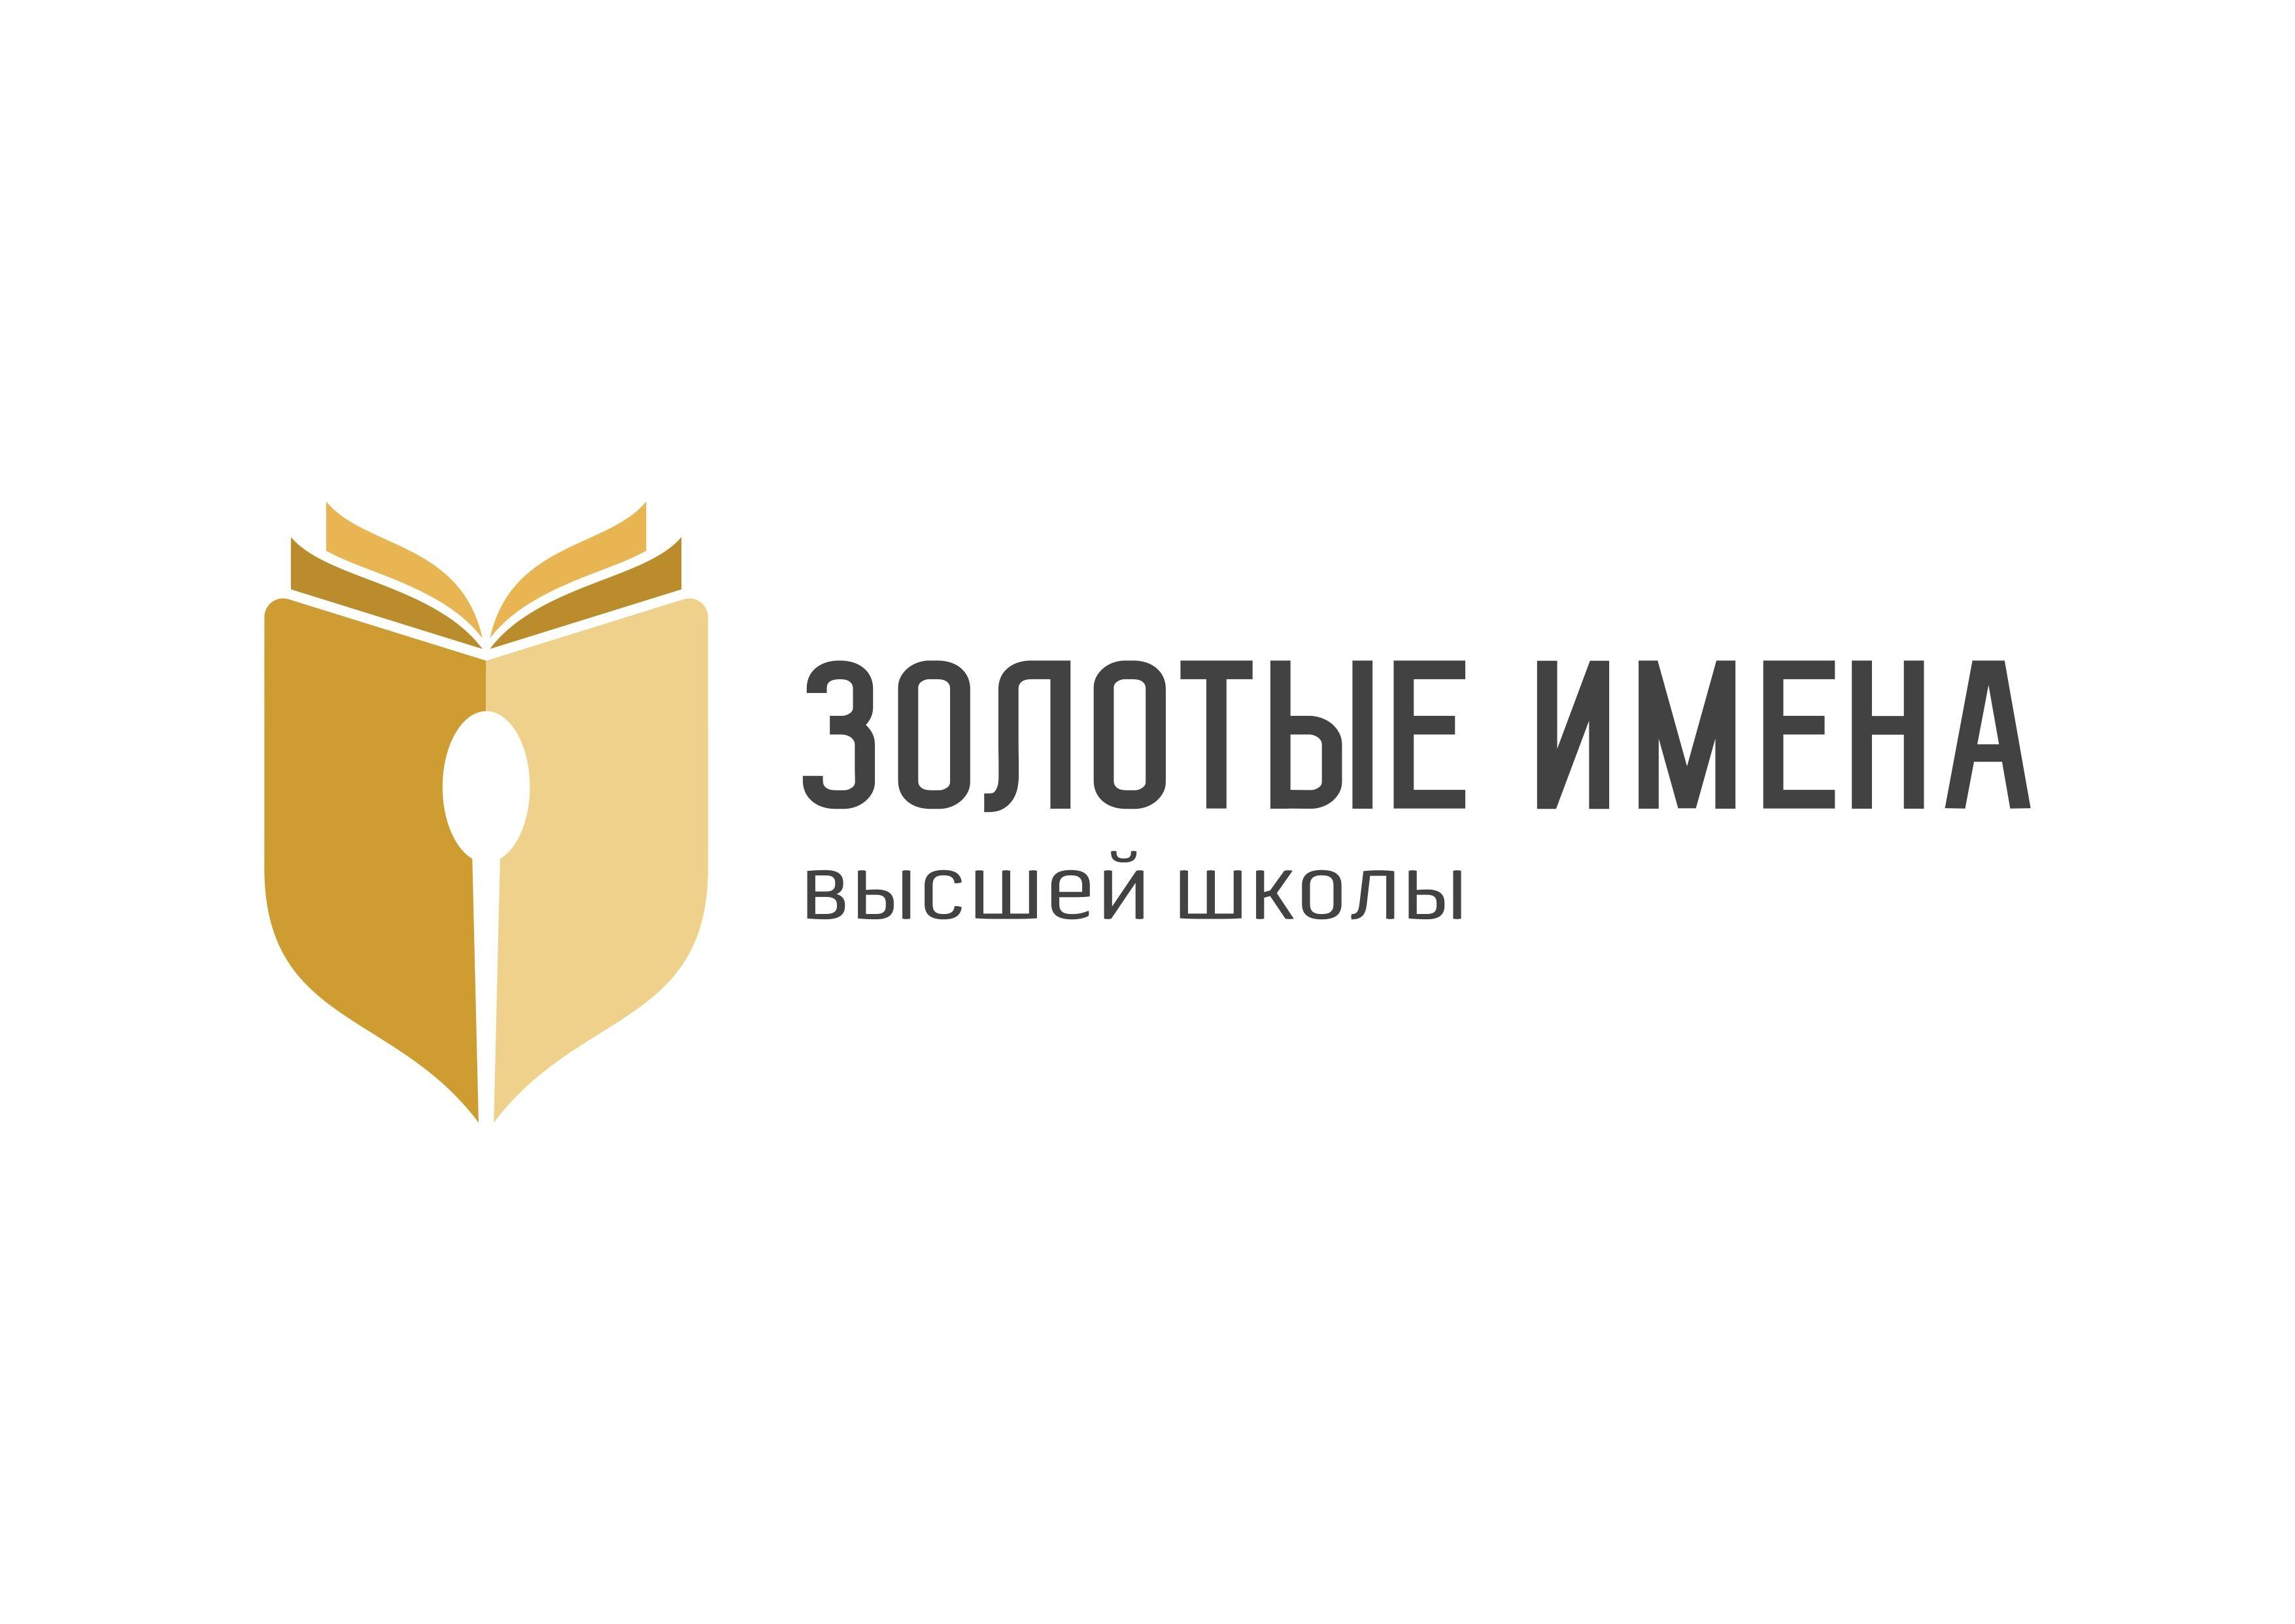 ВГУЭС станет официальным представителем проекта «Золотые Имена Высшей школы» на Дальнем Востоке